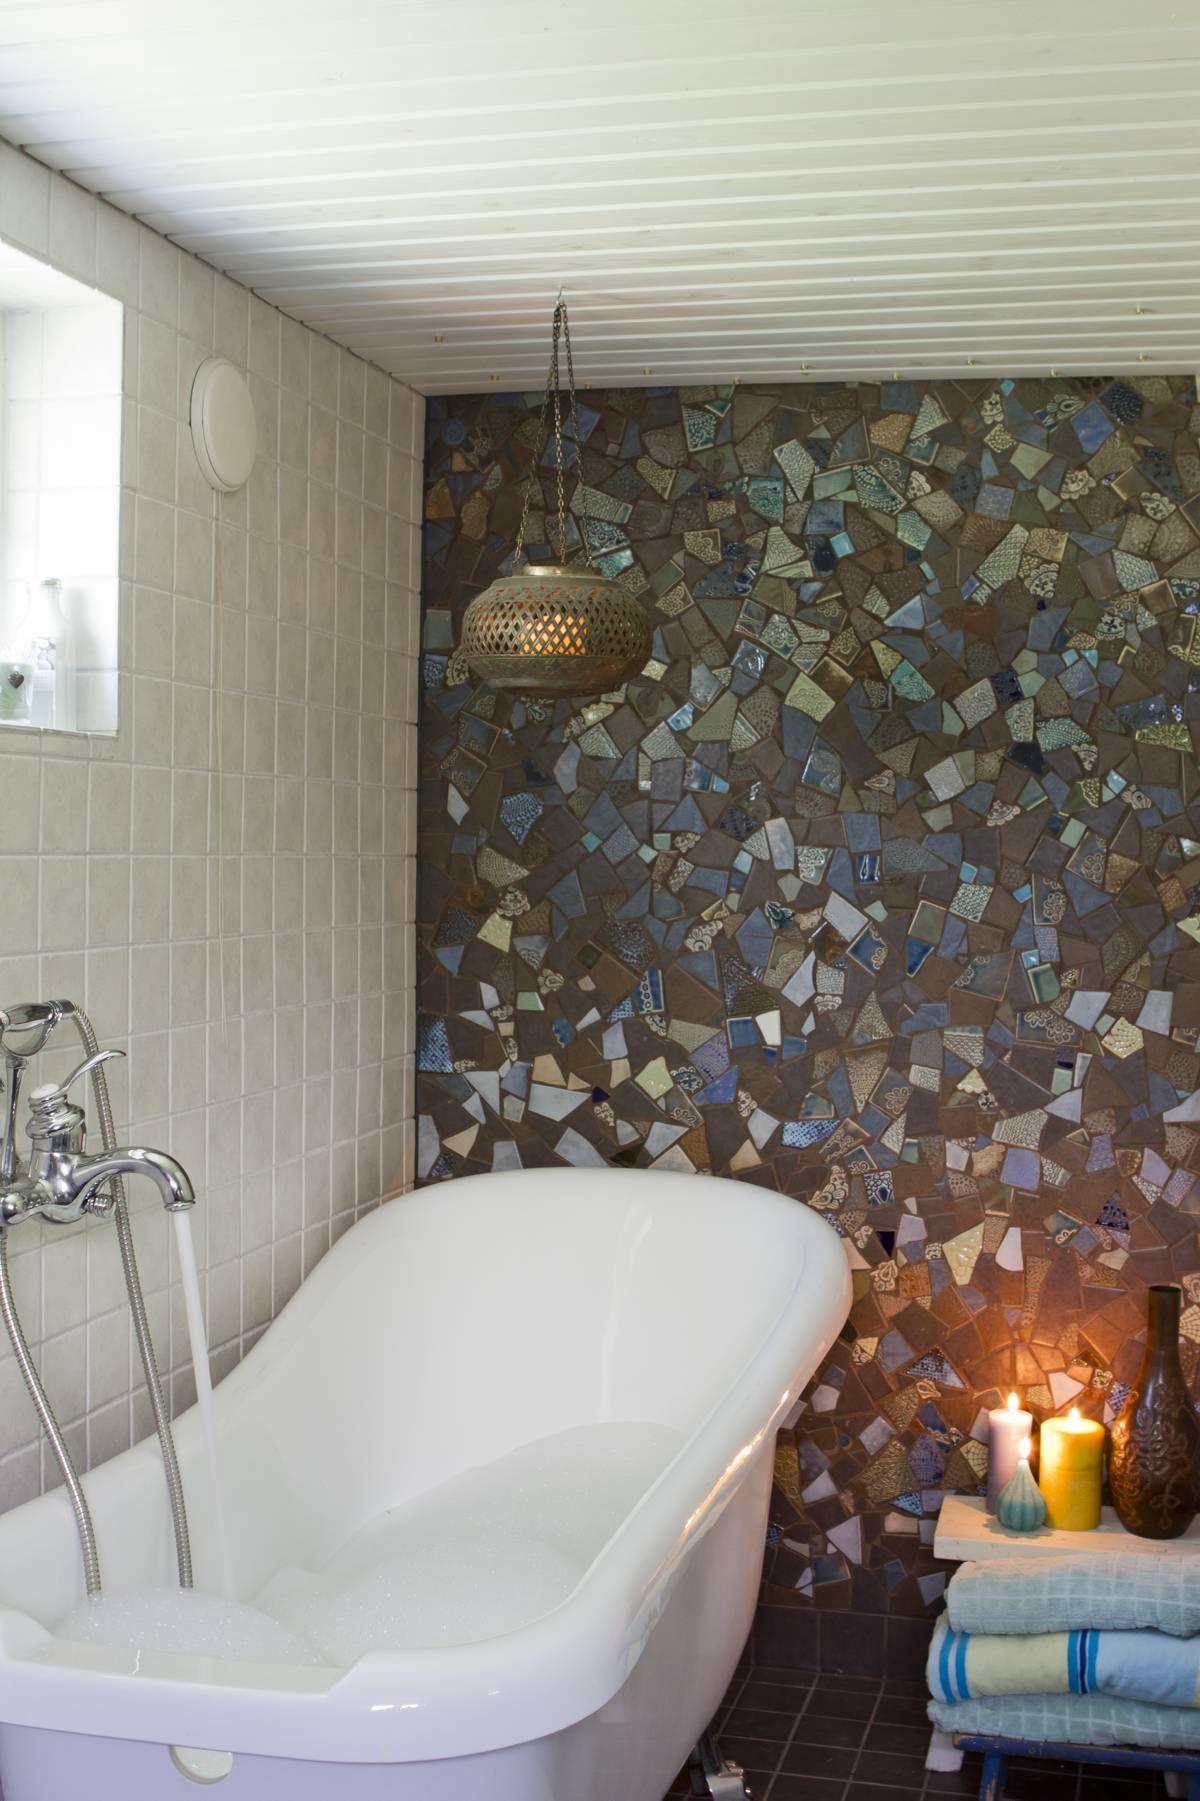 Kylpyamme on ahkerassa käytössä. Kylpiessä voi nähdä mosaiikkiseinän kuvioissa jänniä  muotoja.